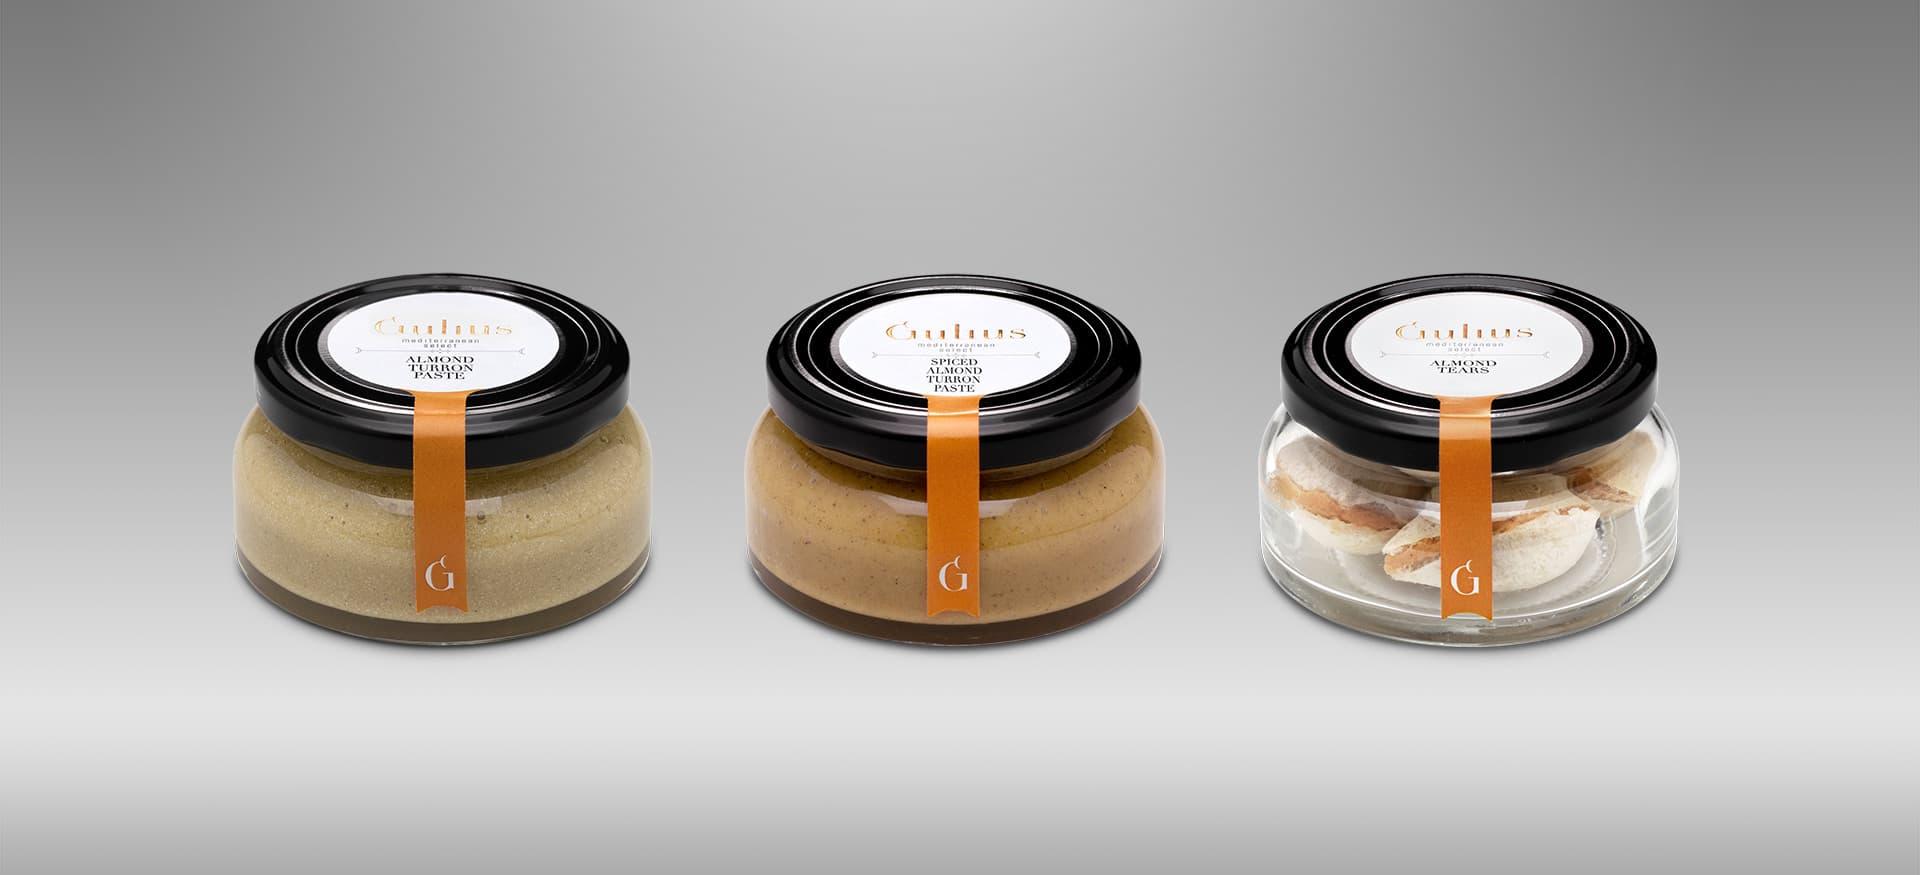 Gulius Retail Almond Turrons